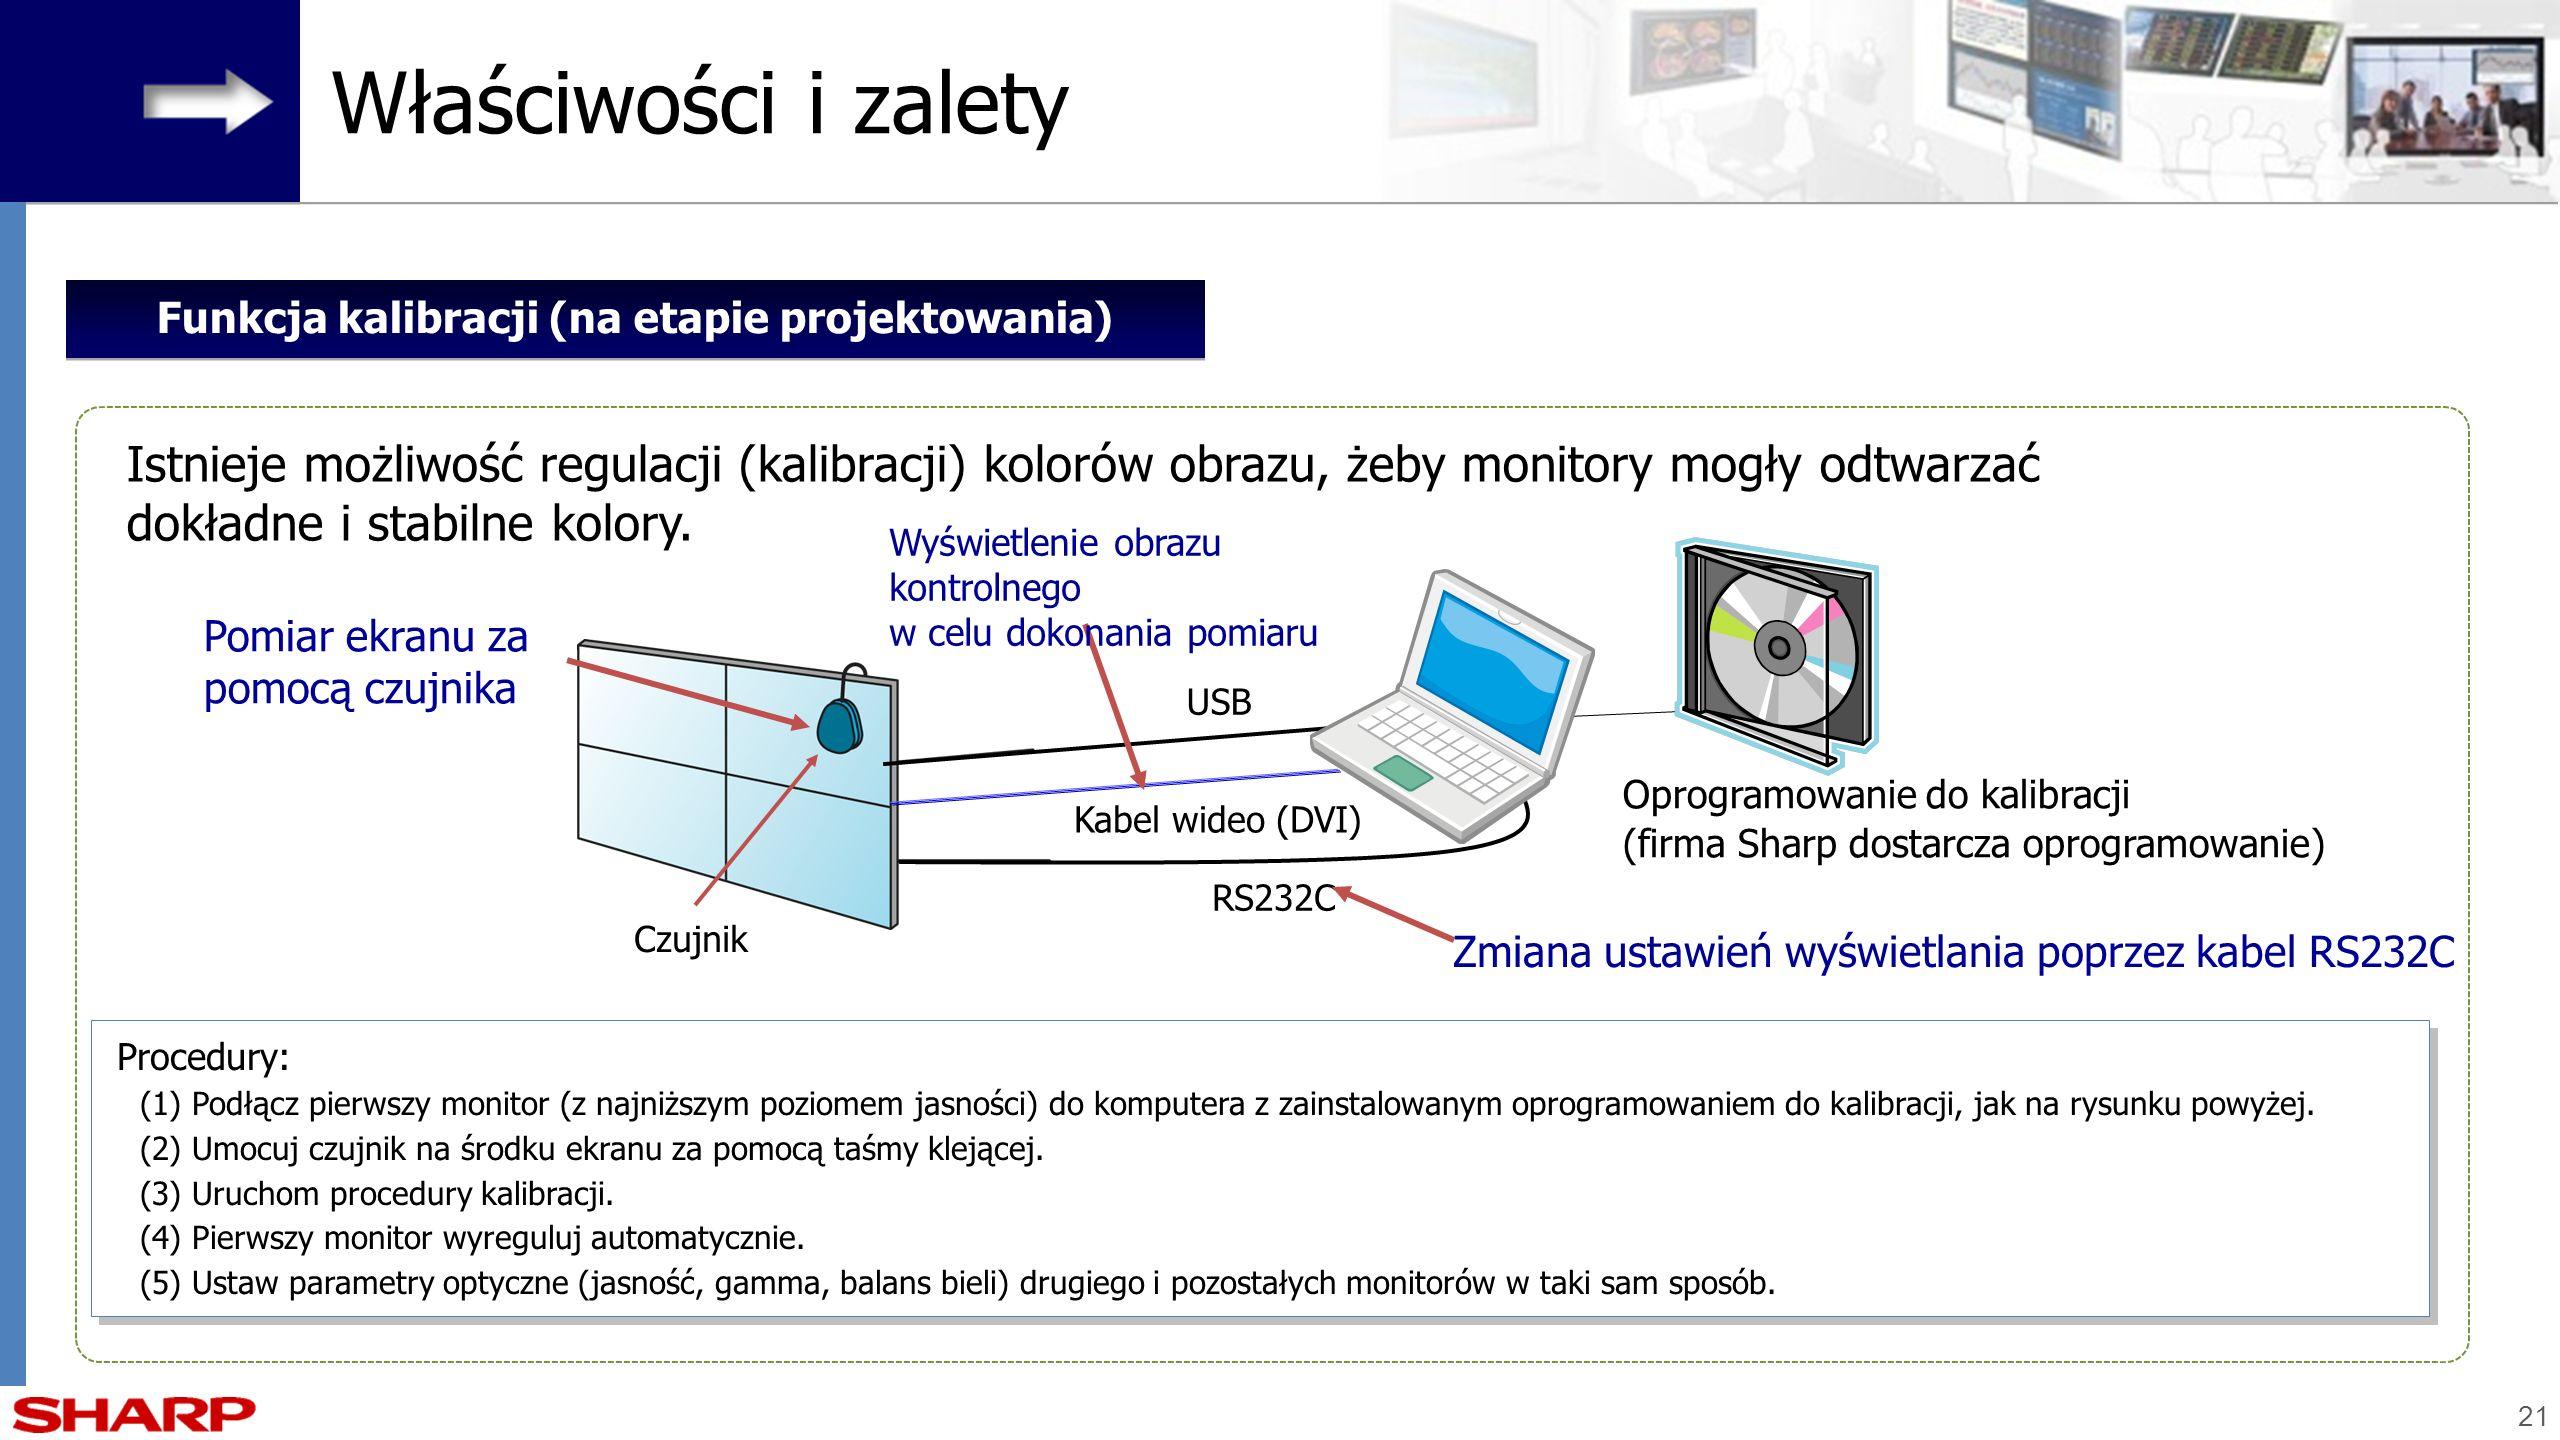 21 Oprogramowanie do kalibracji (firma Sharp dostarcza oprogramowanie) USB Zmiana ustawień wyświetlania poprzez kabel RS232C RS232C Kabel wideo (DVI)